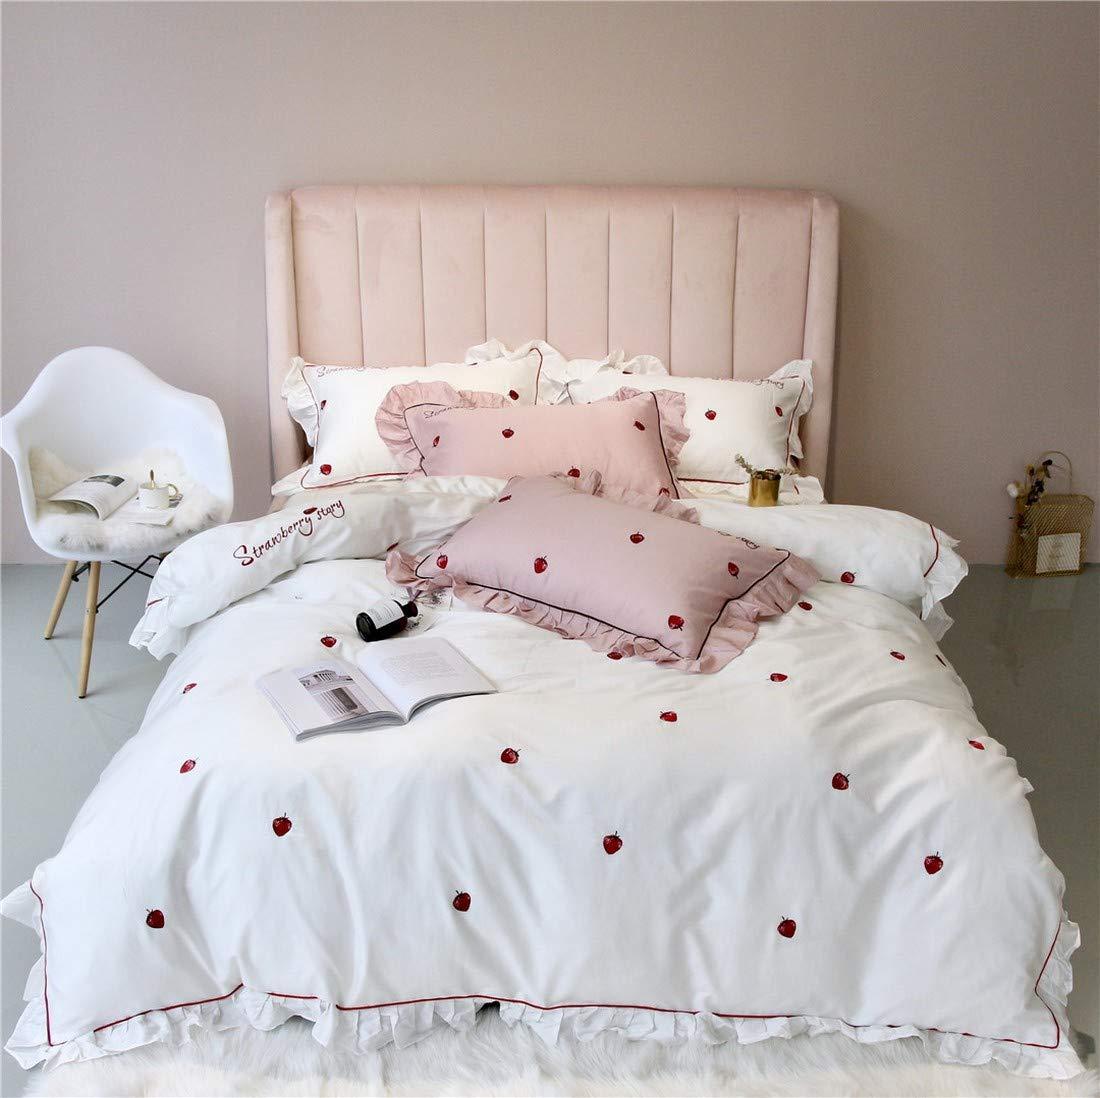 CUBCBIIS プリンセススタイルのレースパウダーホワイトシンプルピュアコットンサテンコットン寝具4枚 (Color : White, Size : QUEEN) B07TDJ4F7L White Queen